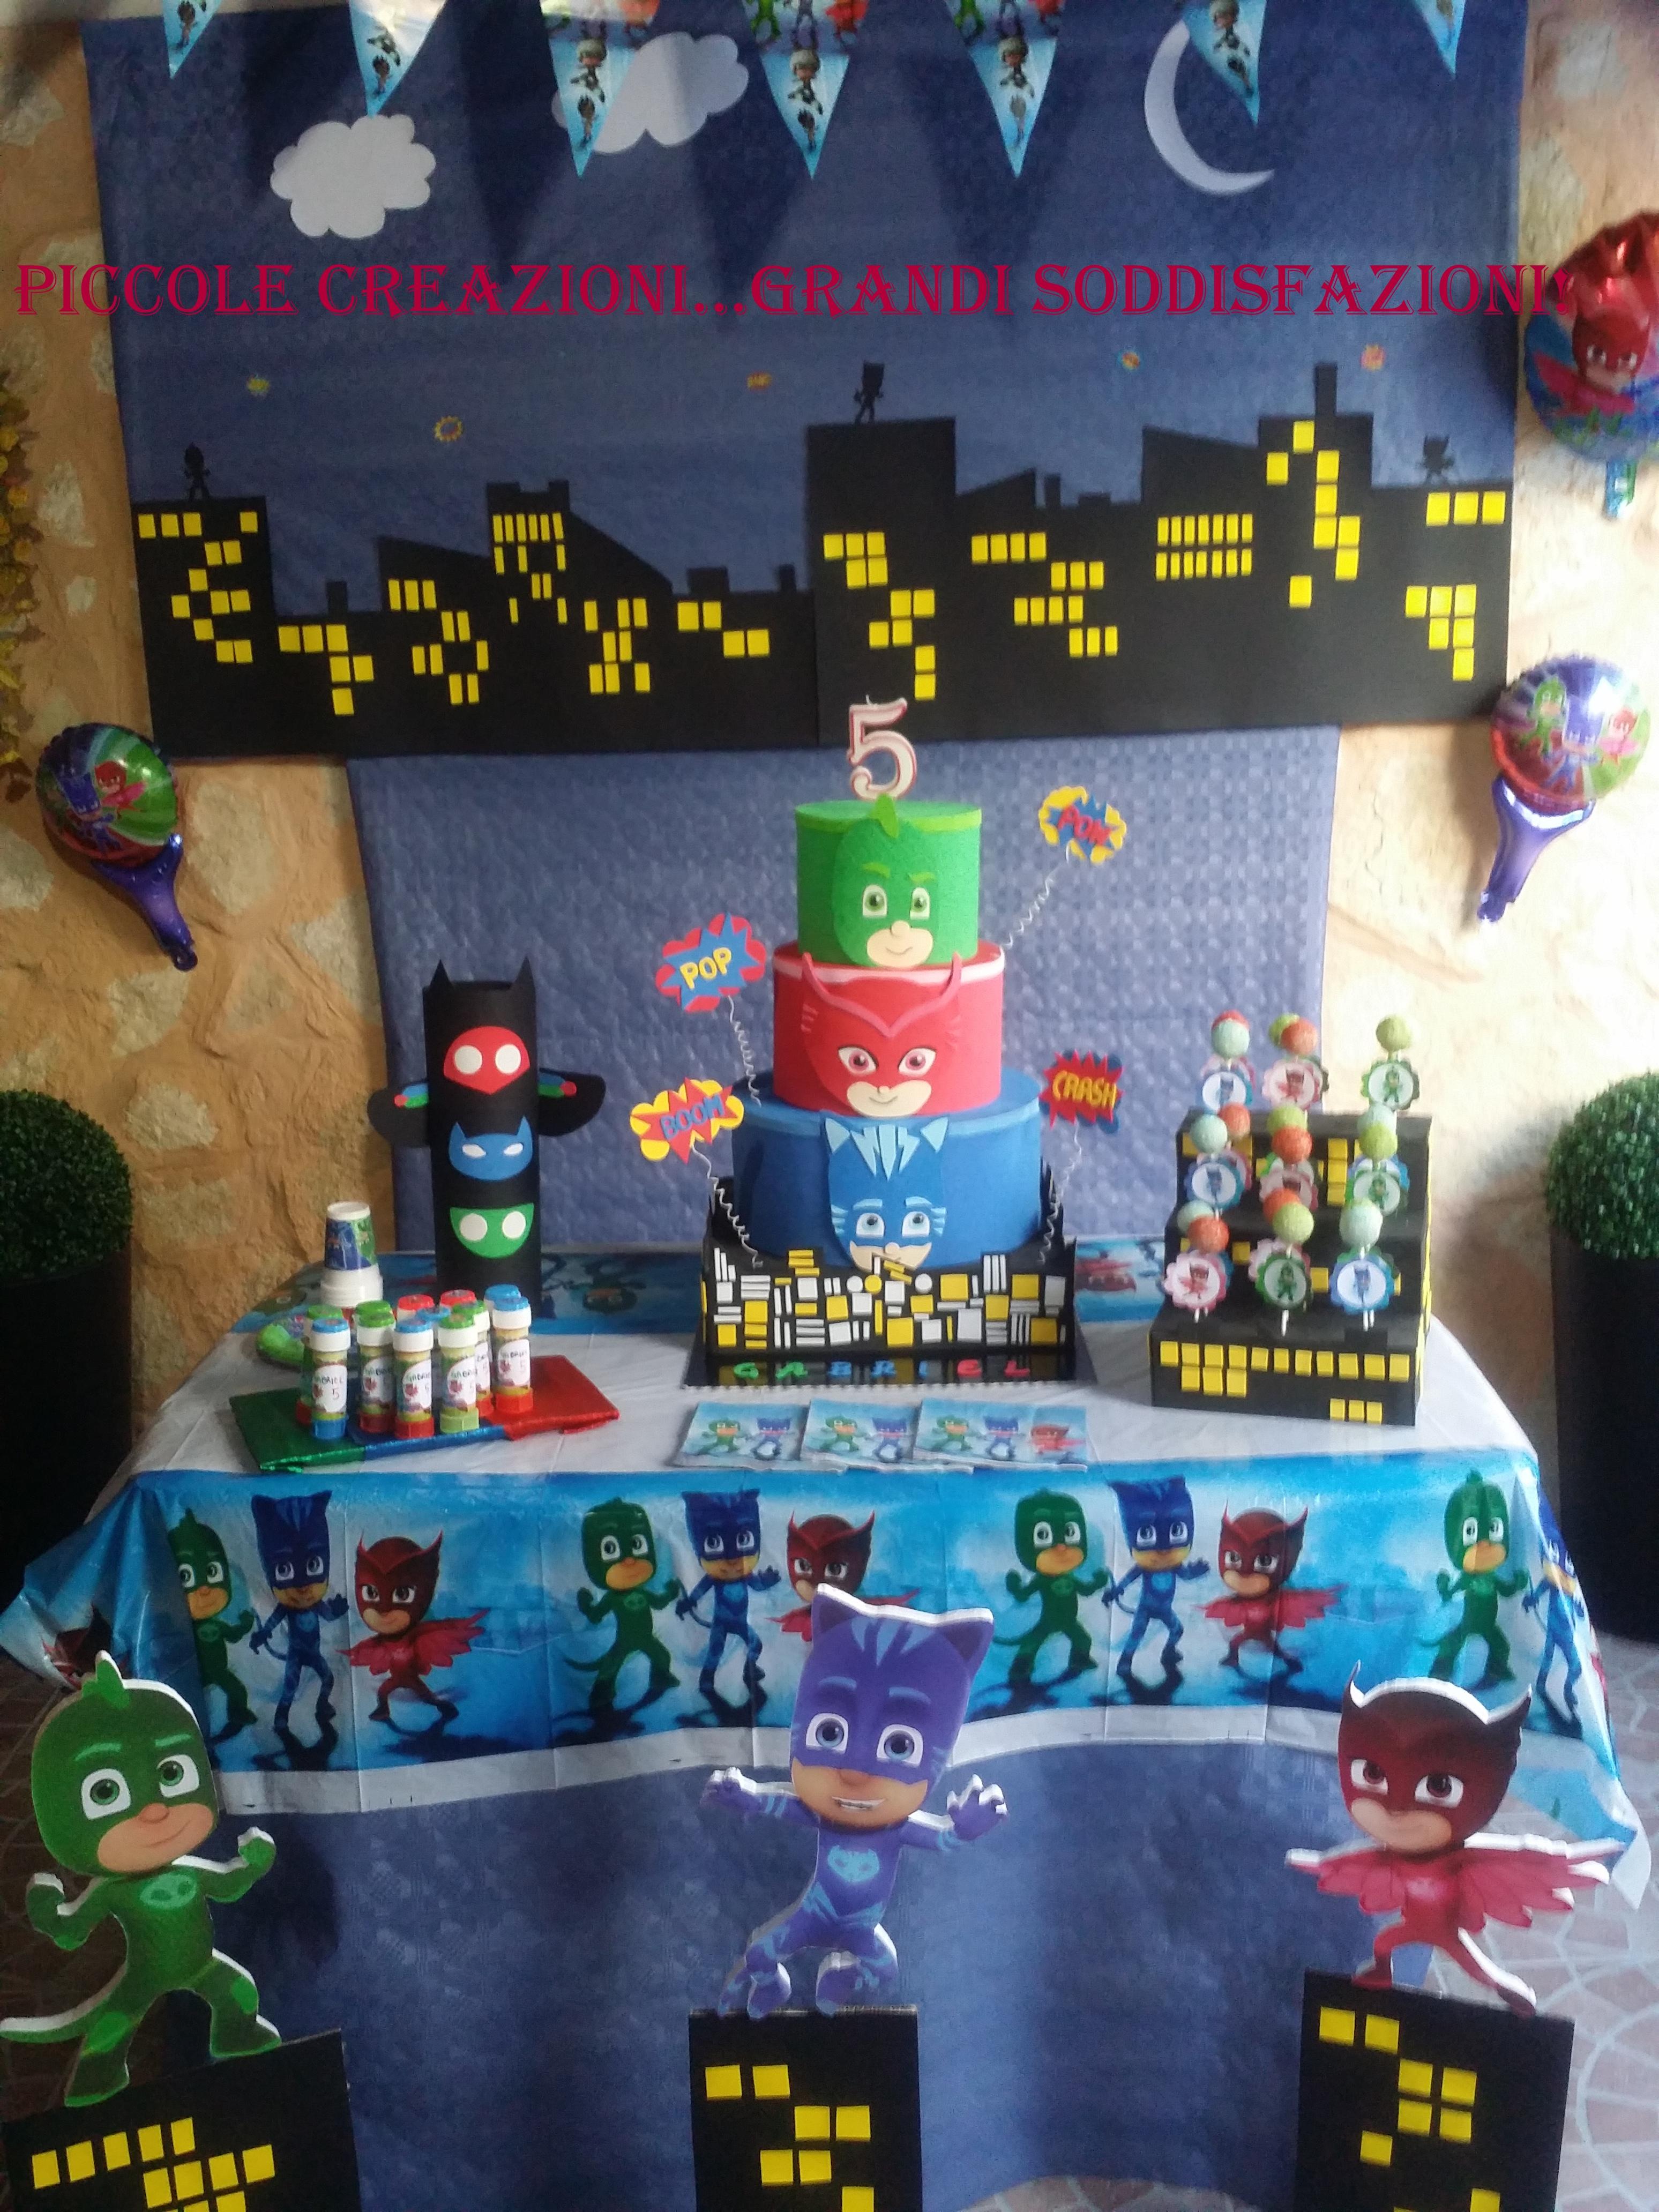 Sweet Table Dei Pj Masks Piccole Creazioni Grandi Soddisfazioni